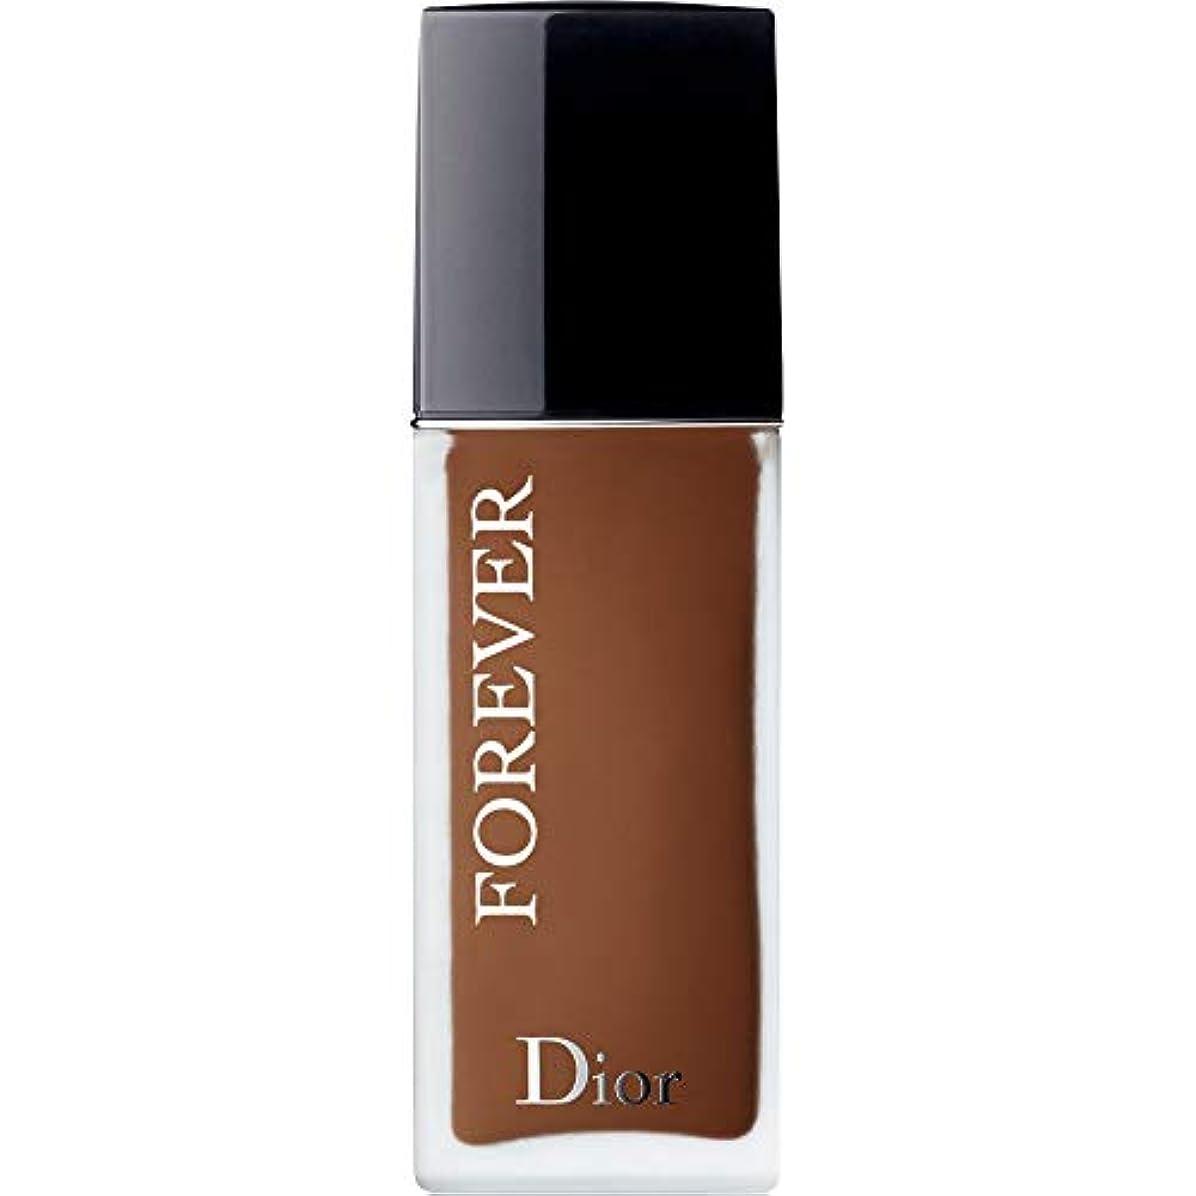 法王情緒的邪魔する[Dior ] ディオール永遠皮膚思いやりの基盤Spf35 30ミリリットルの8N - ニュートラル(つや消し) - DIOR Forever Skin-Caring Foundation SPF35 30ml 8N -...